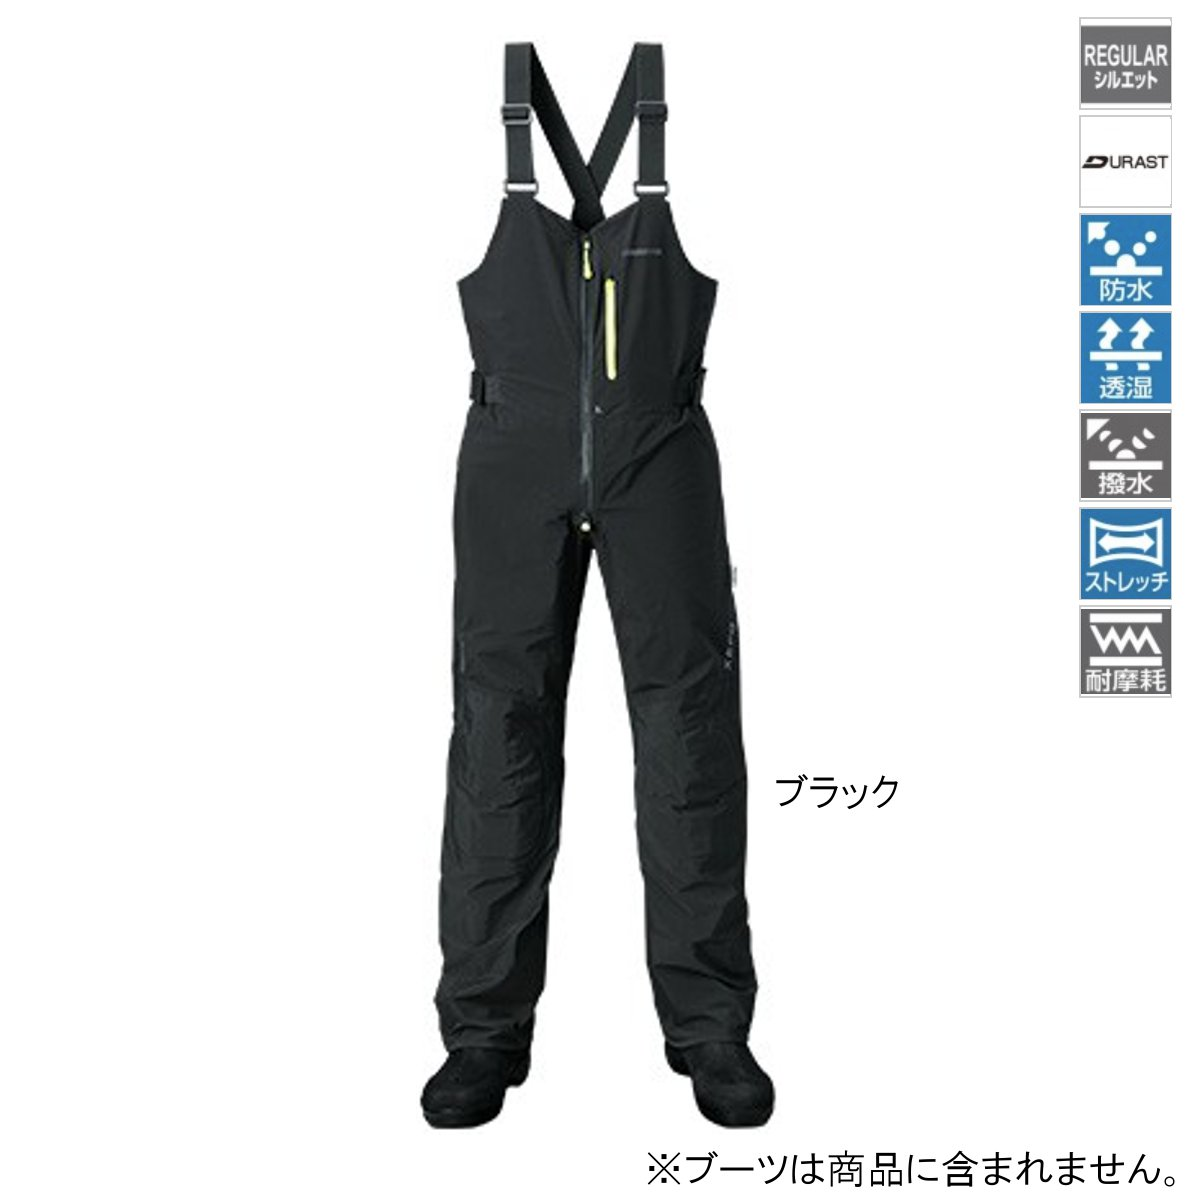 シマノ XEFO・DURASTレインビブ RA-26PS 2XL ブラック【送料無料】